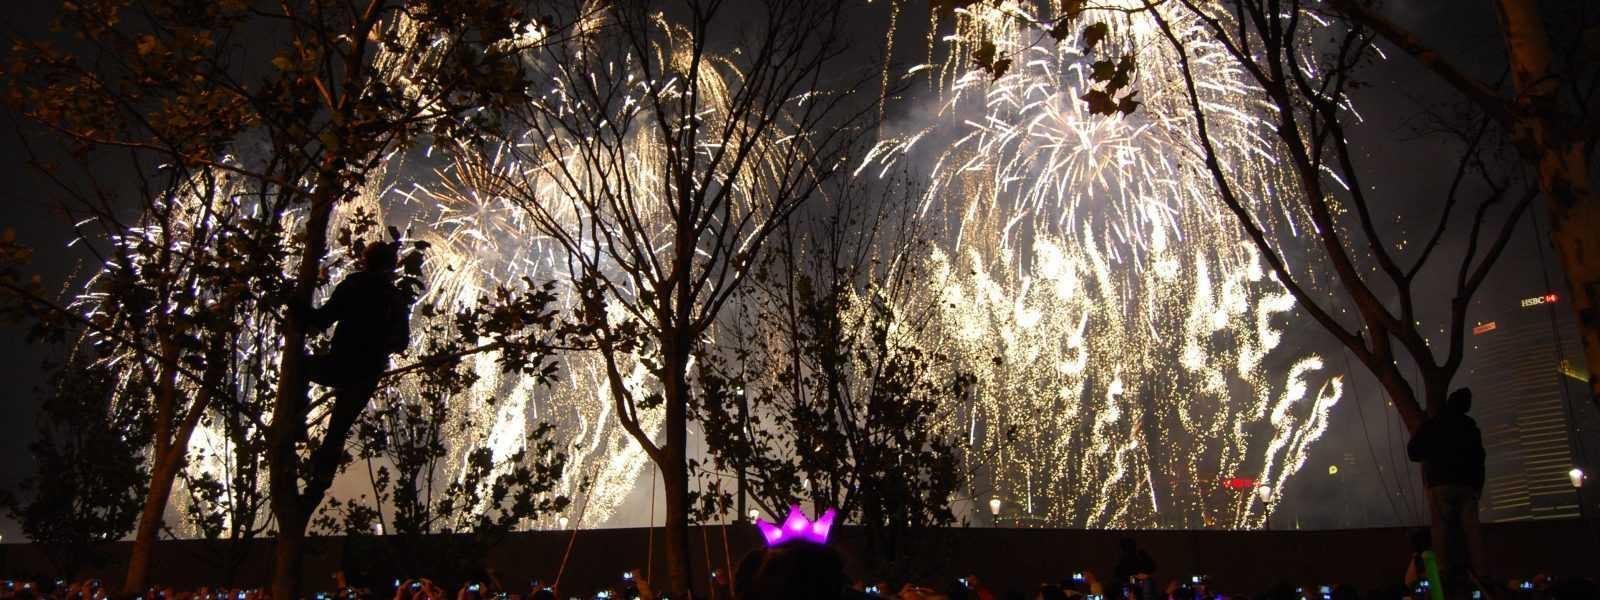 Shanghai New Year's Eve